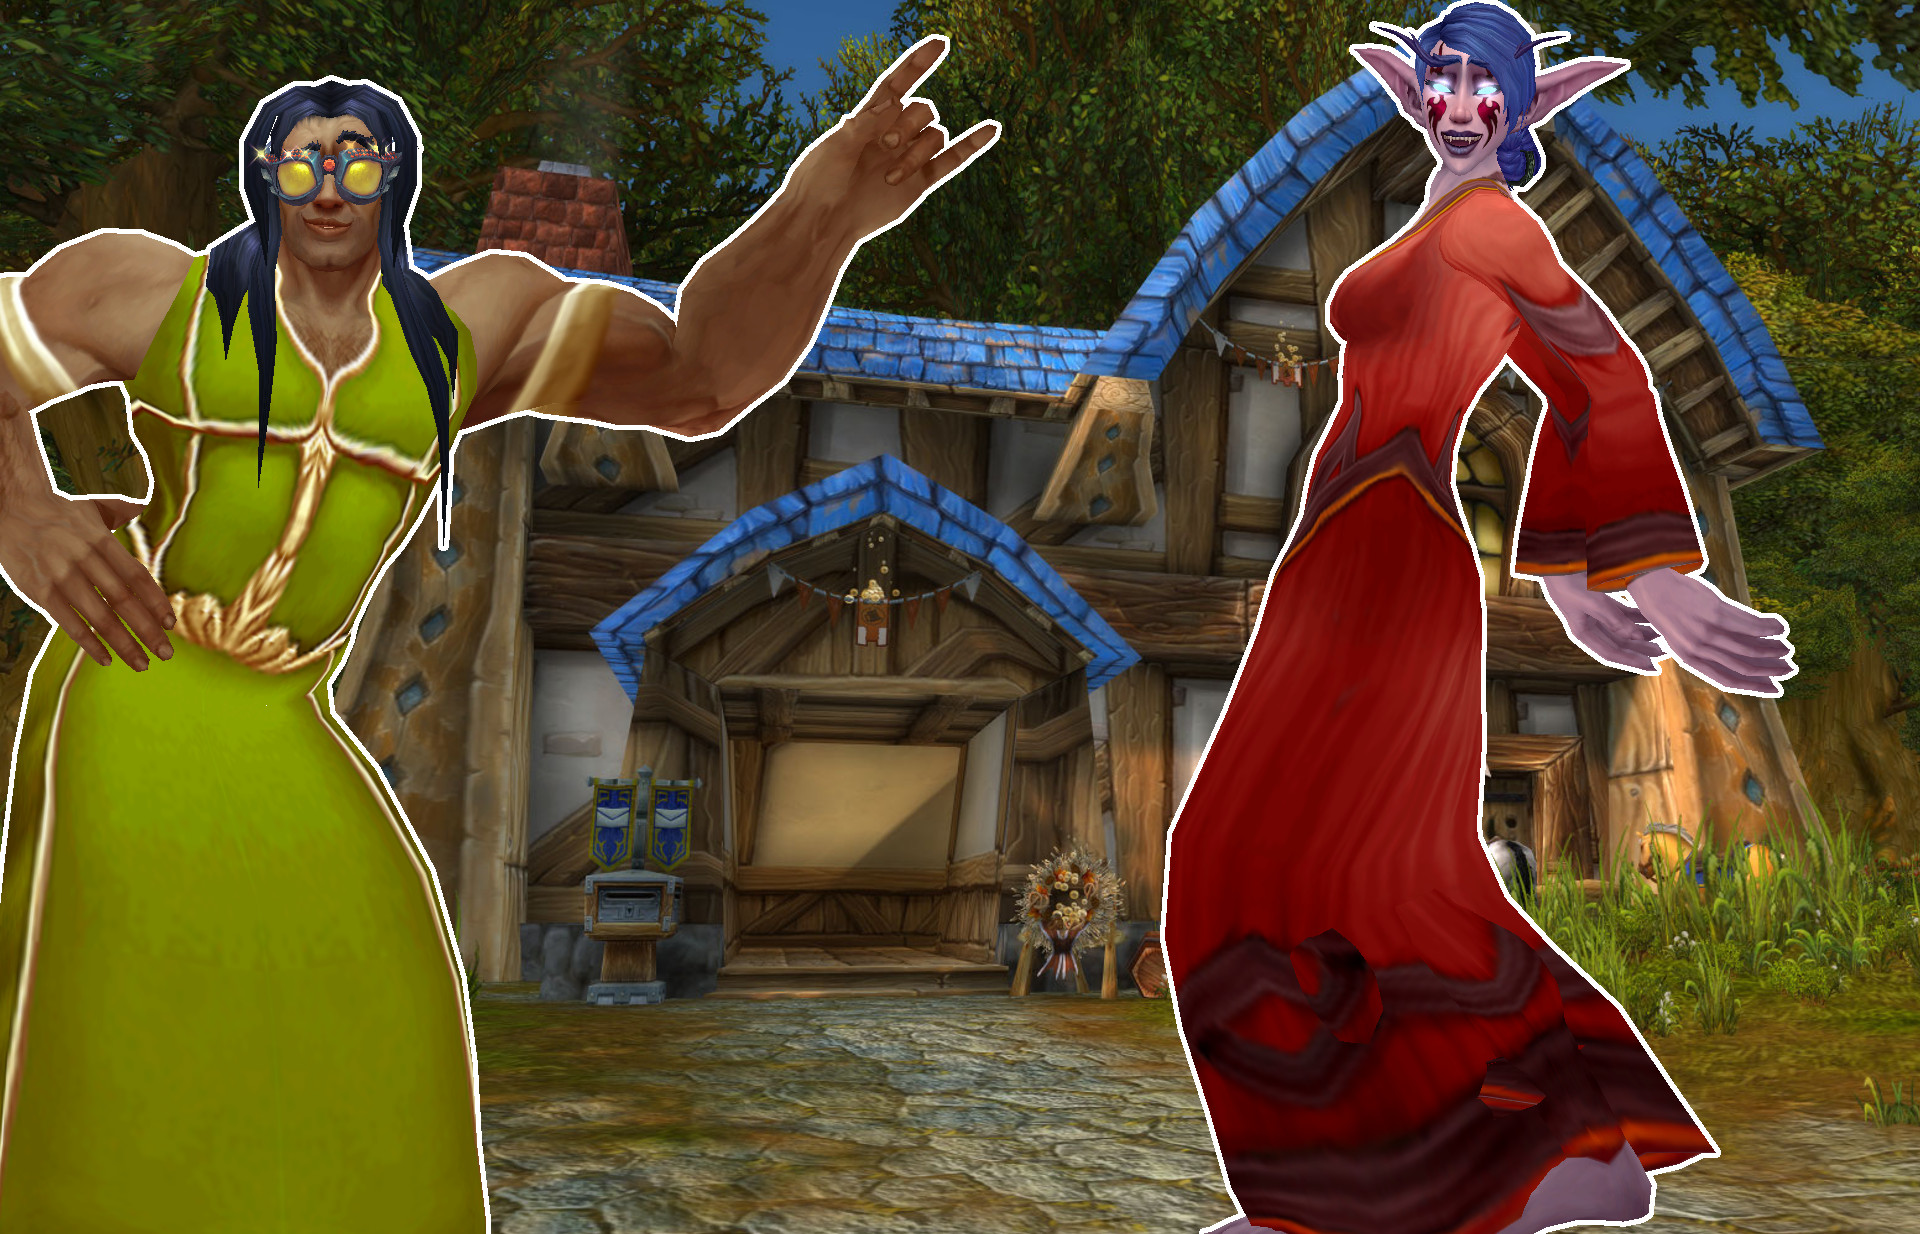 Die zusätzlichen Charakter-Slots für WoW sind da!